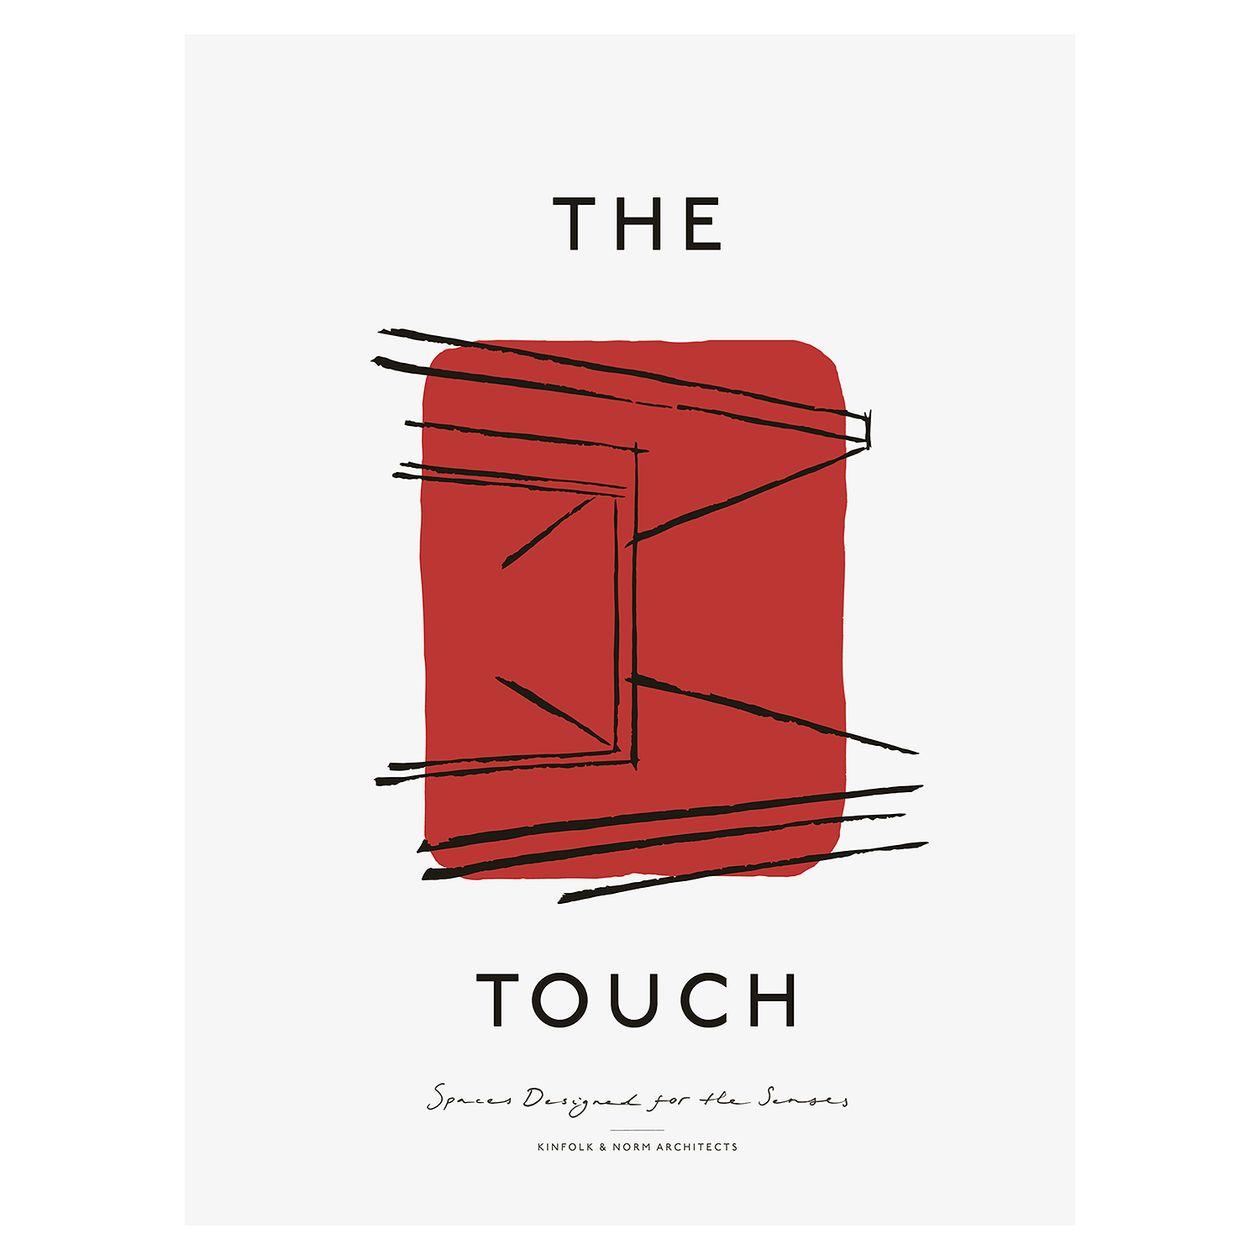 Gestalten The Touch -kirja